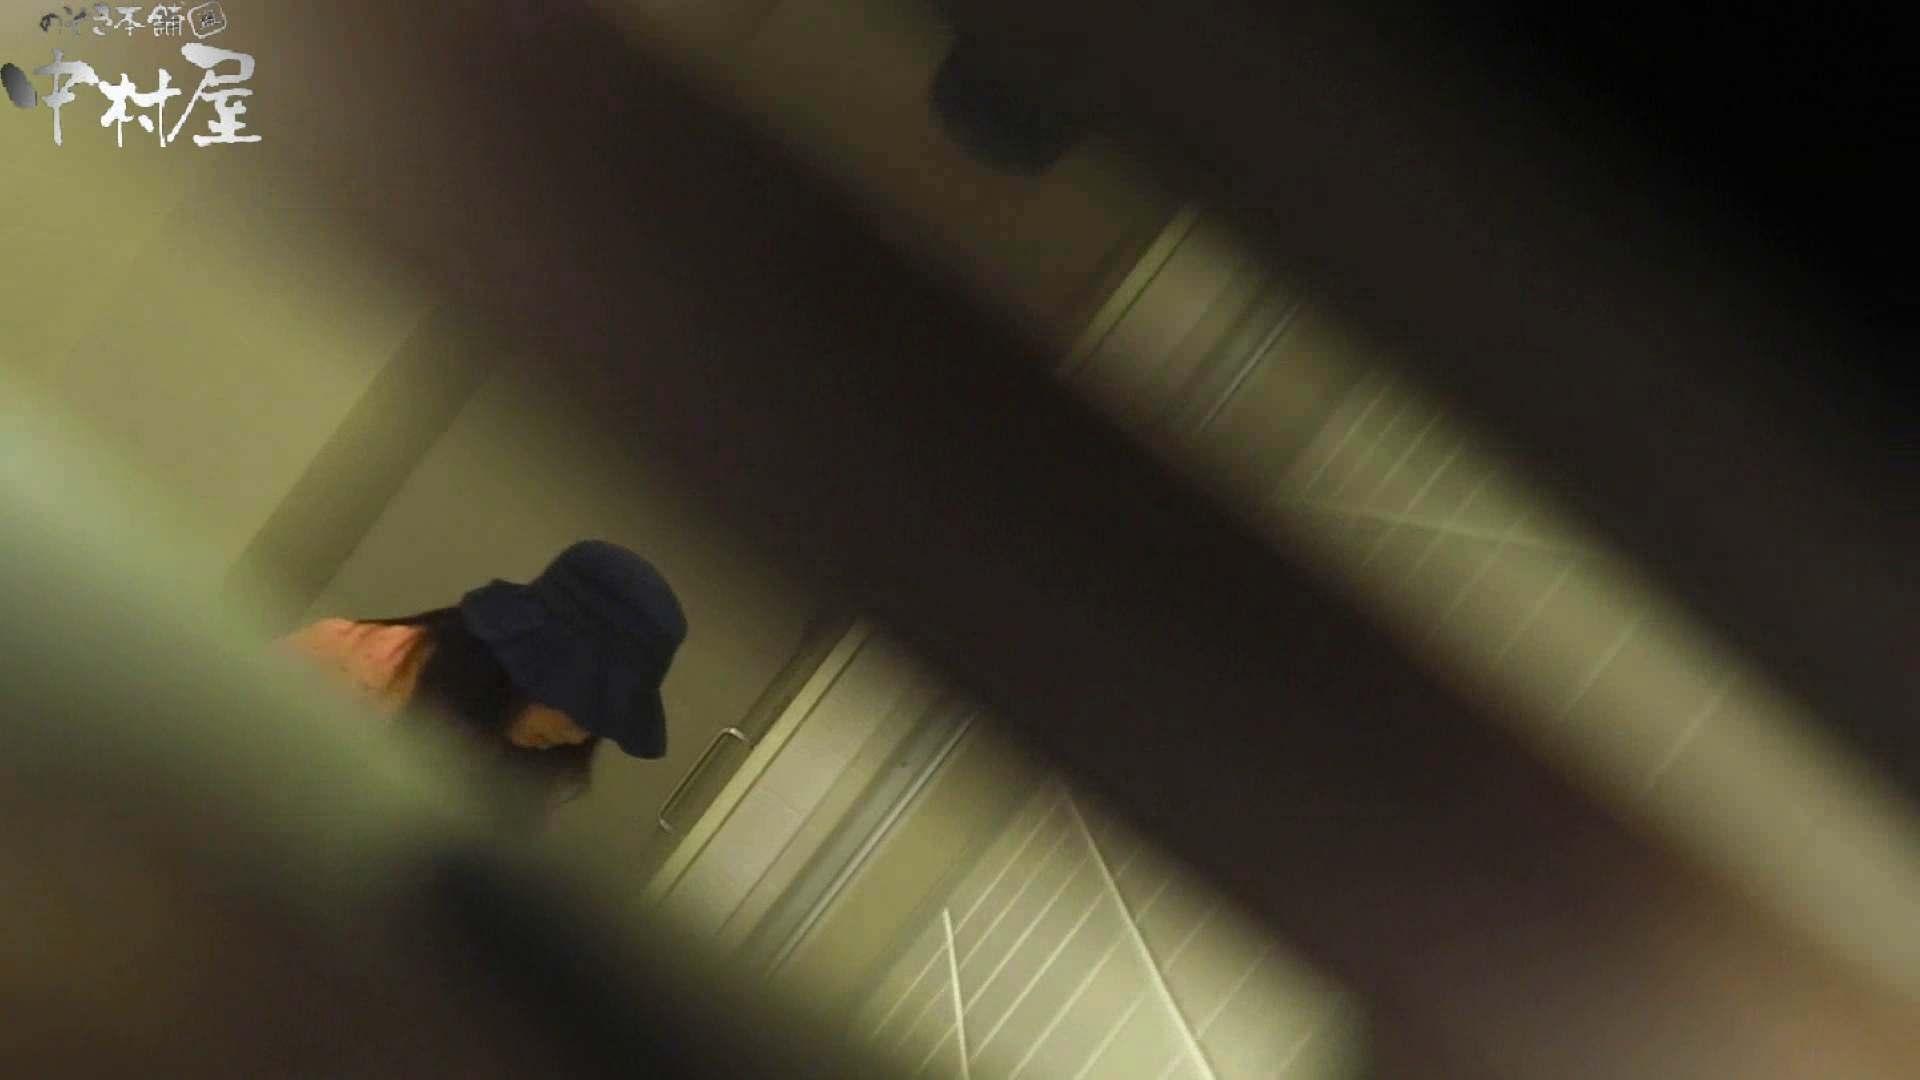 【お銀さんの「洗面所突入レポート!!」】お銀さんの「洗面所突入レポート!!」 vol.28小島陽菜似のピンクオシャレさん 美しいOLの裸体   洗面所突入  102pic 87